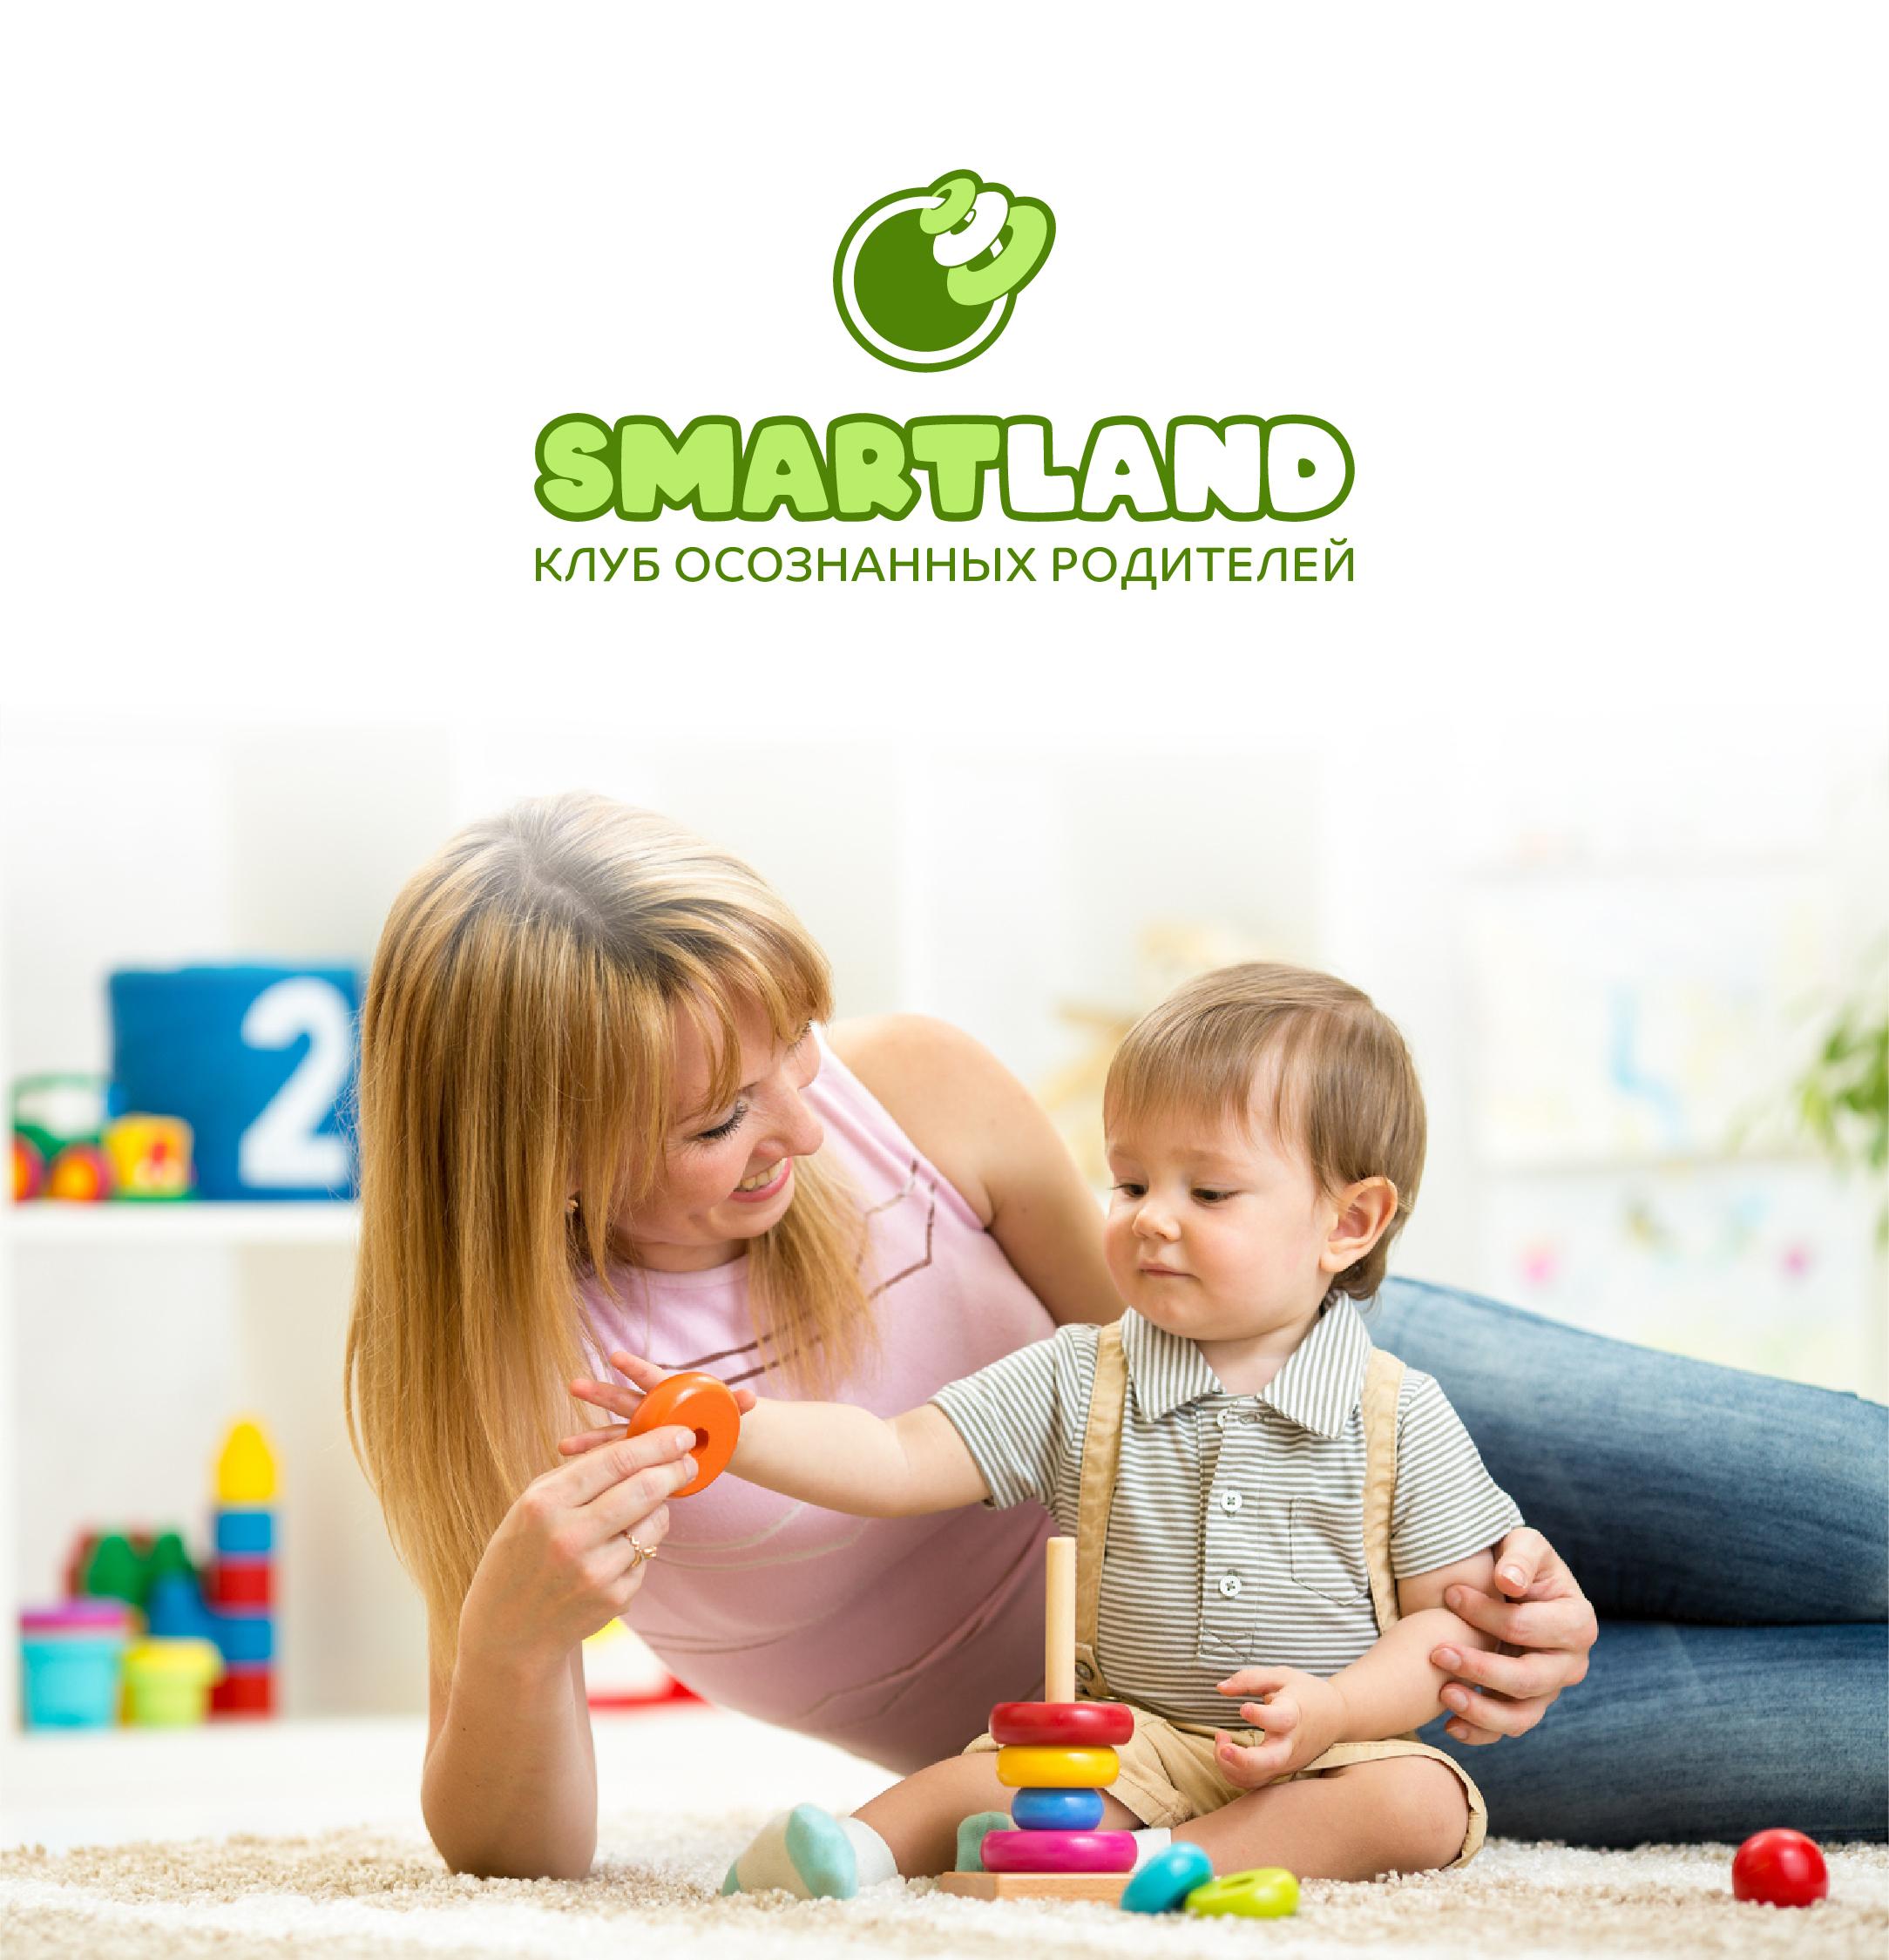 Разработать логотип для детской образовательной платформы фото f_106607a054f61c30.jpg